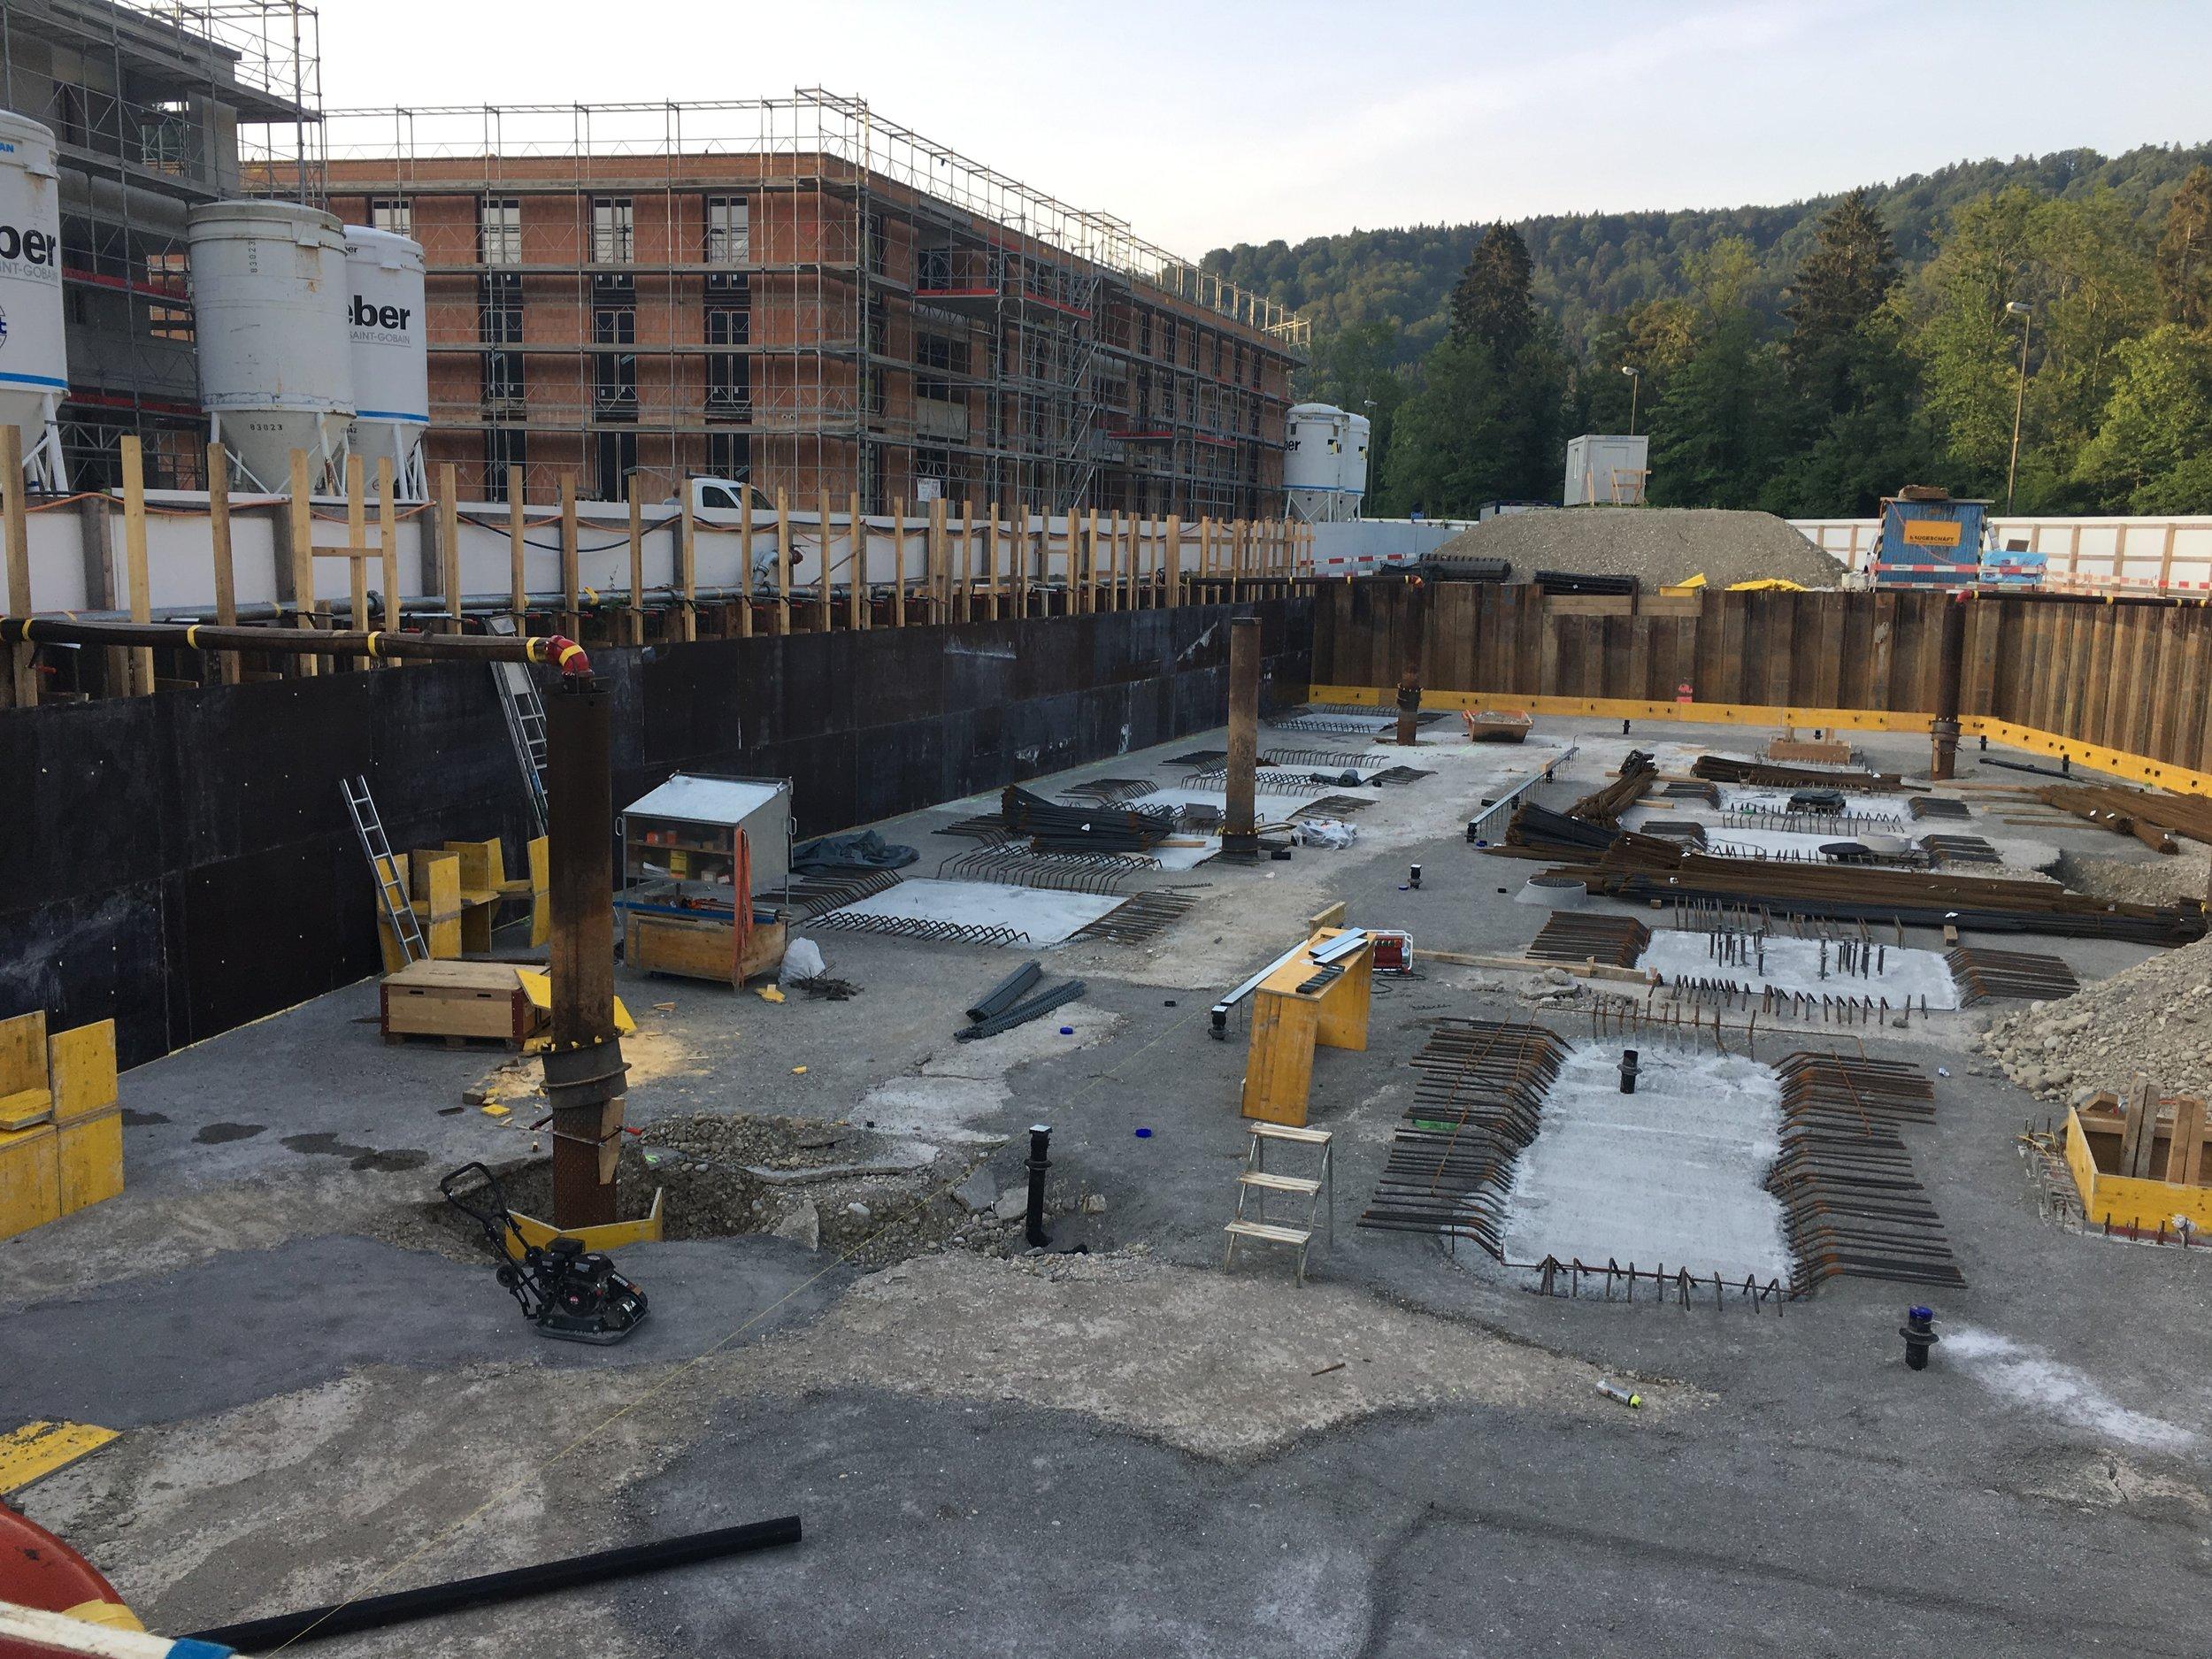 Überbauung NIDO Sennhof Winterthur Immobilienverkauf Boll Immobilien Zürich